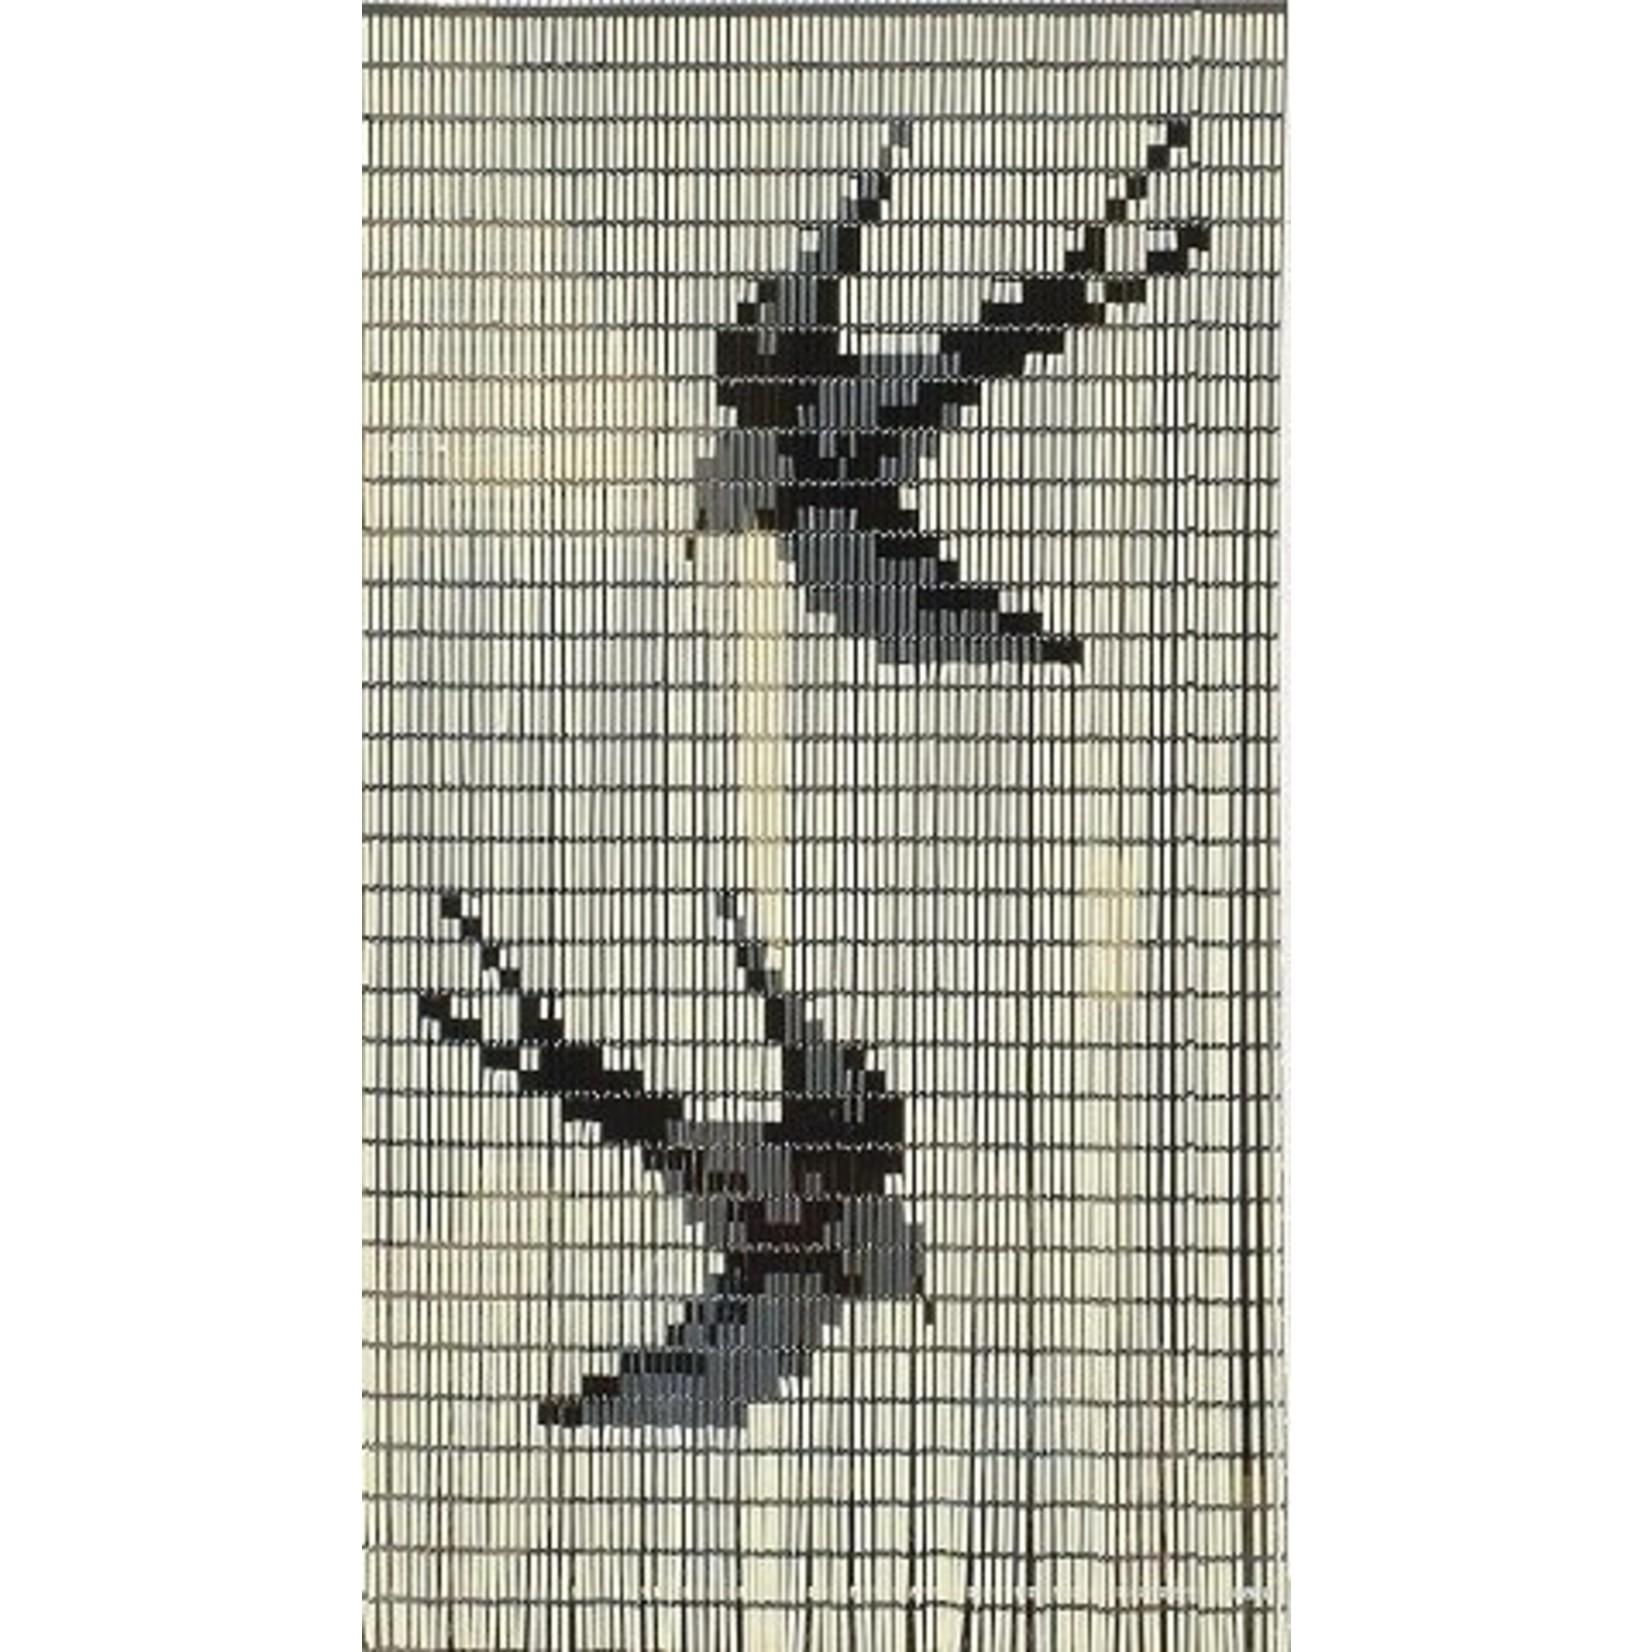 Vliegengordijn zwaluwen